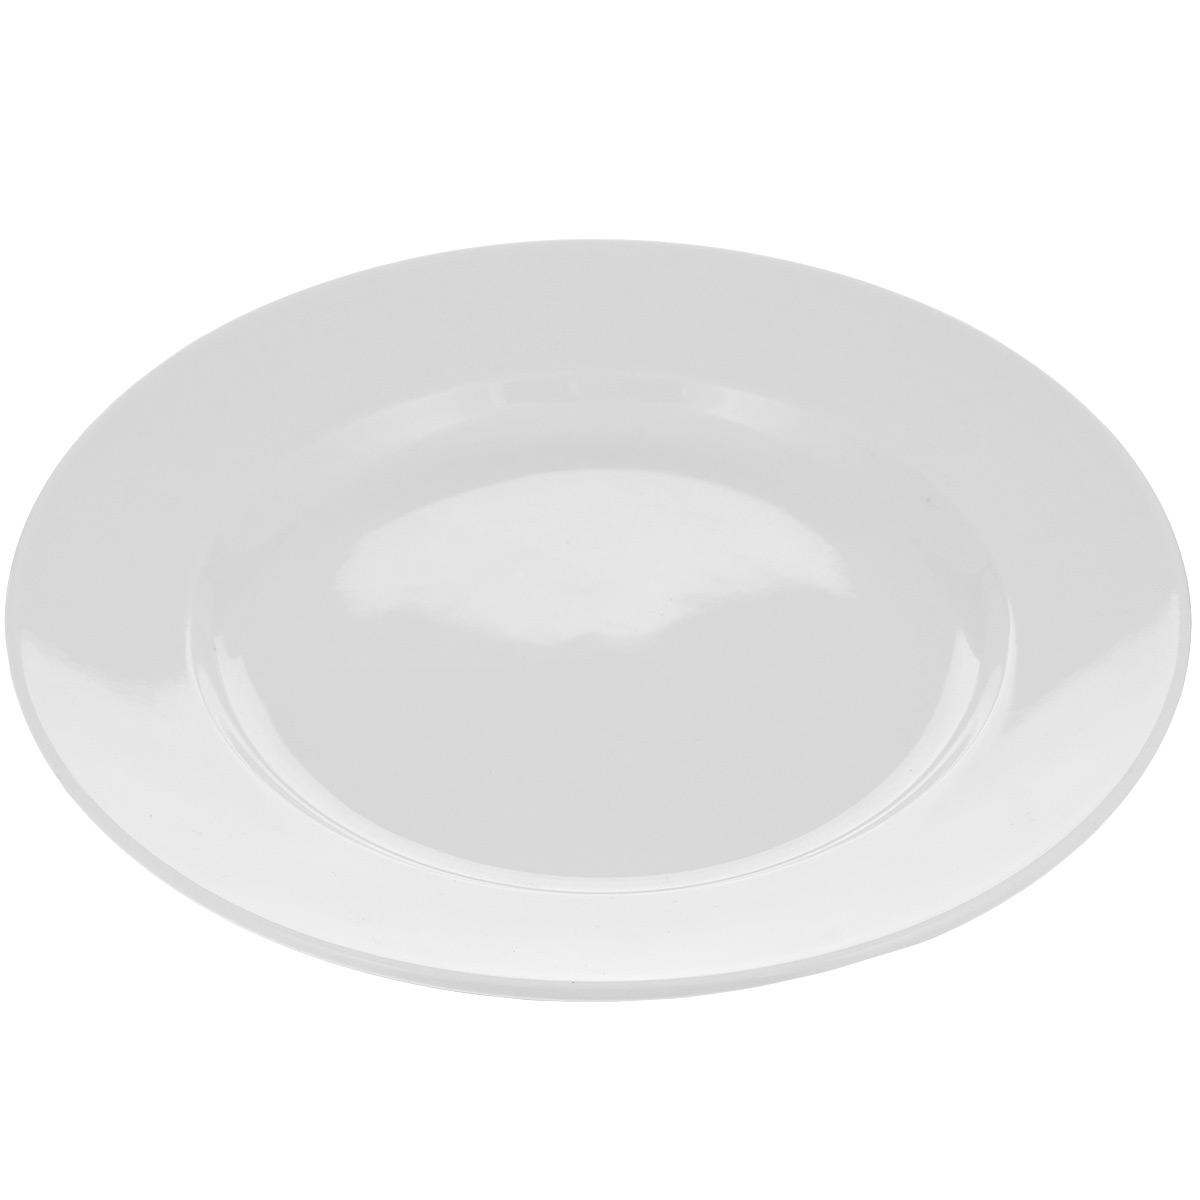 Тарелка десертная Tescoma Opus, диаметр 20 см385110Тарелка Tescoma Opus выполнена из высококачественного фарфора однотонного цвета и прекрасно подойдет для вашей кухни. Такая тарелка изысканно украсит сервировку как обеденного, так и праздничного стола. Предназначена для подачи десертов. Пригодна для использования в микроволновой печи. Можно мыть в посудомоечной машине. Диаметр: 20 см. Высота тарелки: 2,5 см.